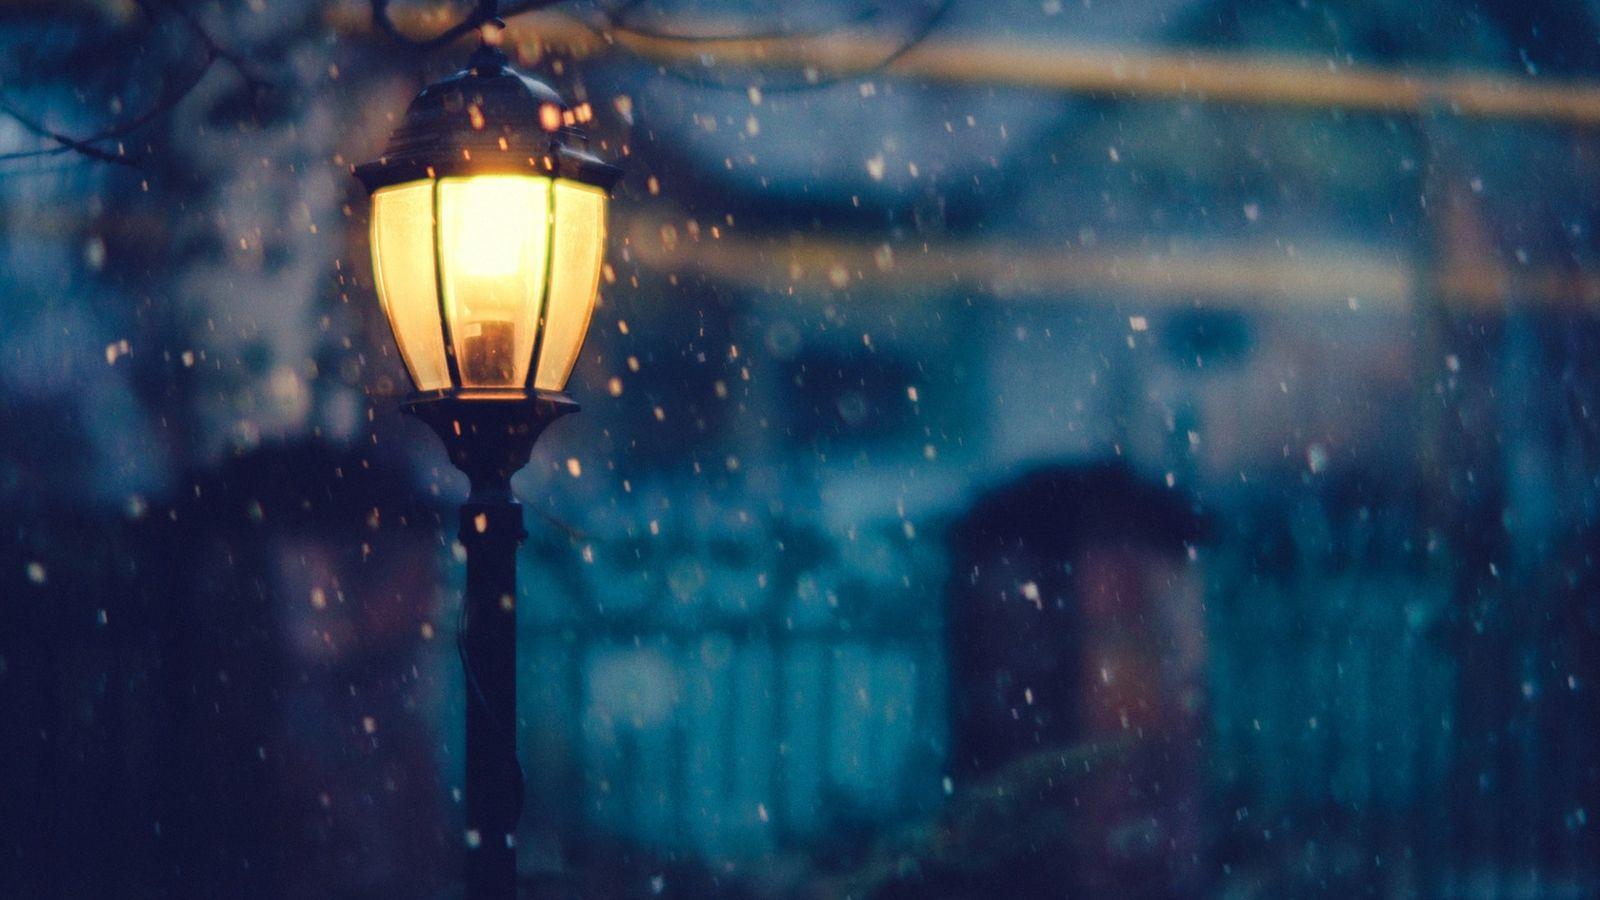 夜深人静最经典的图片 夜深人静伤感图片